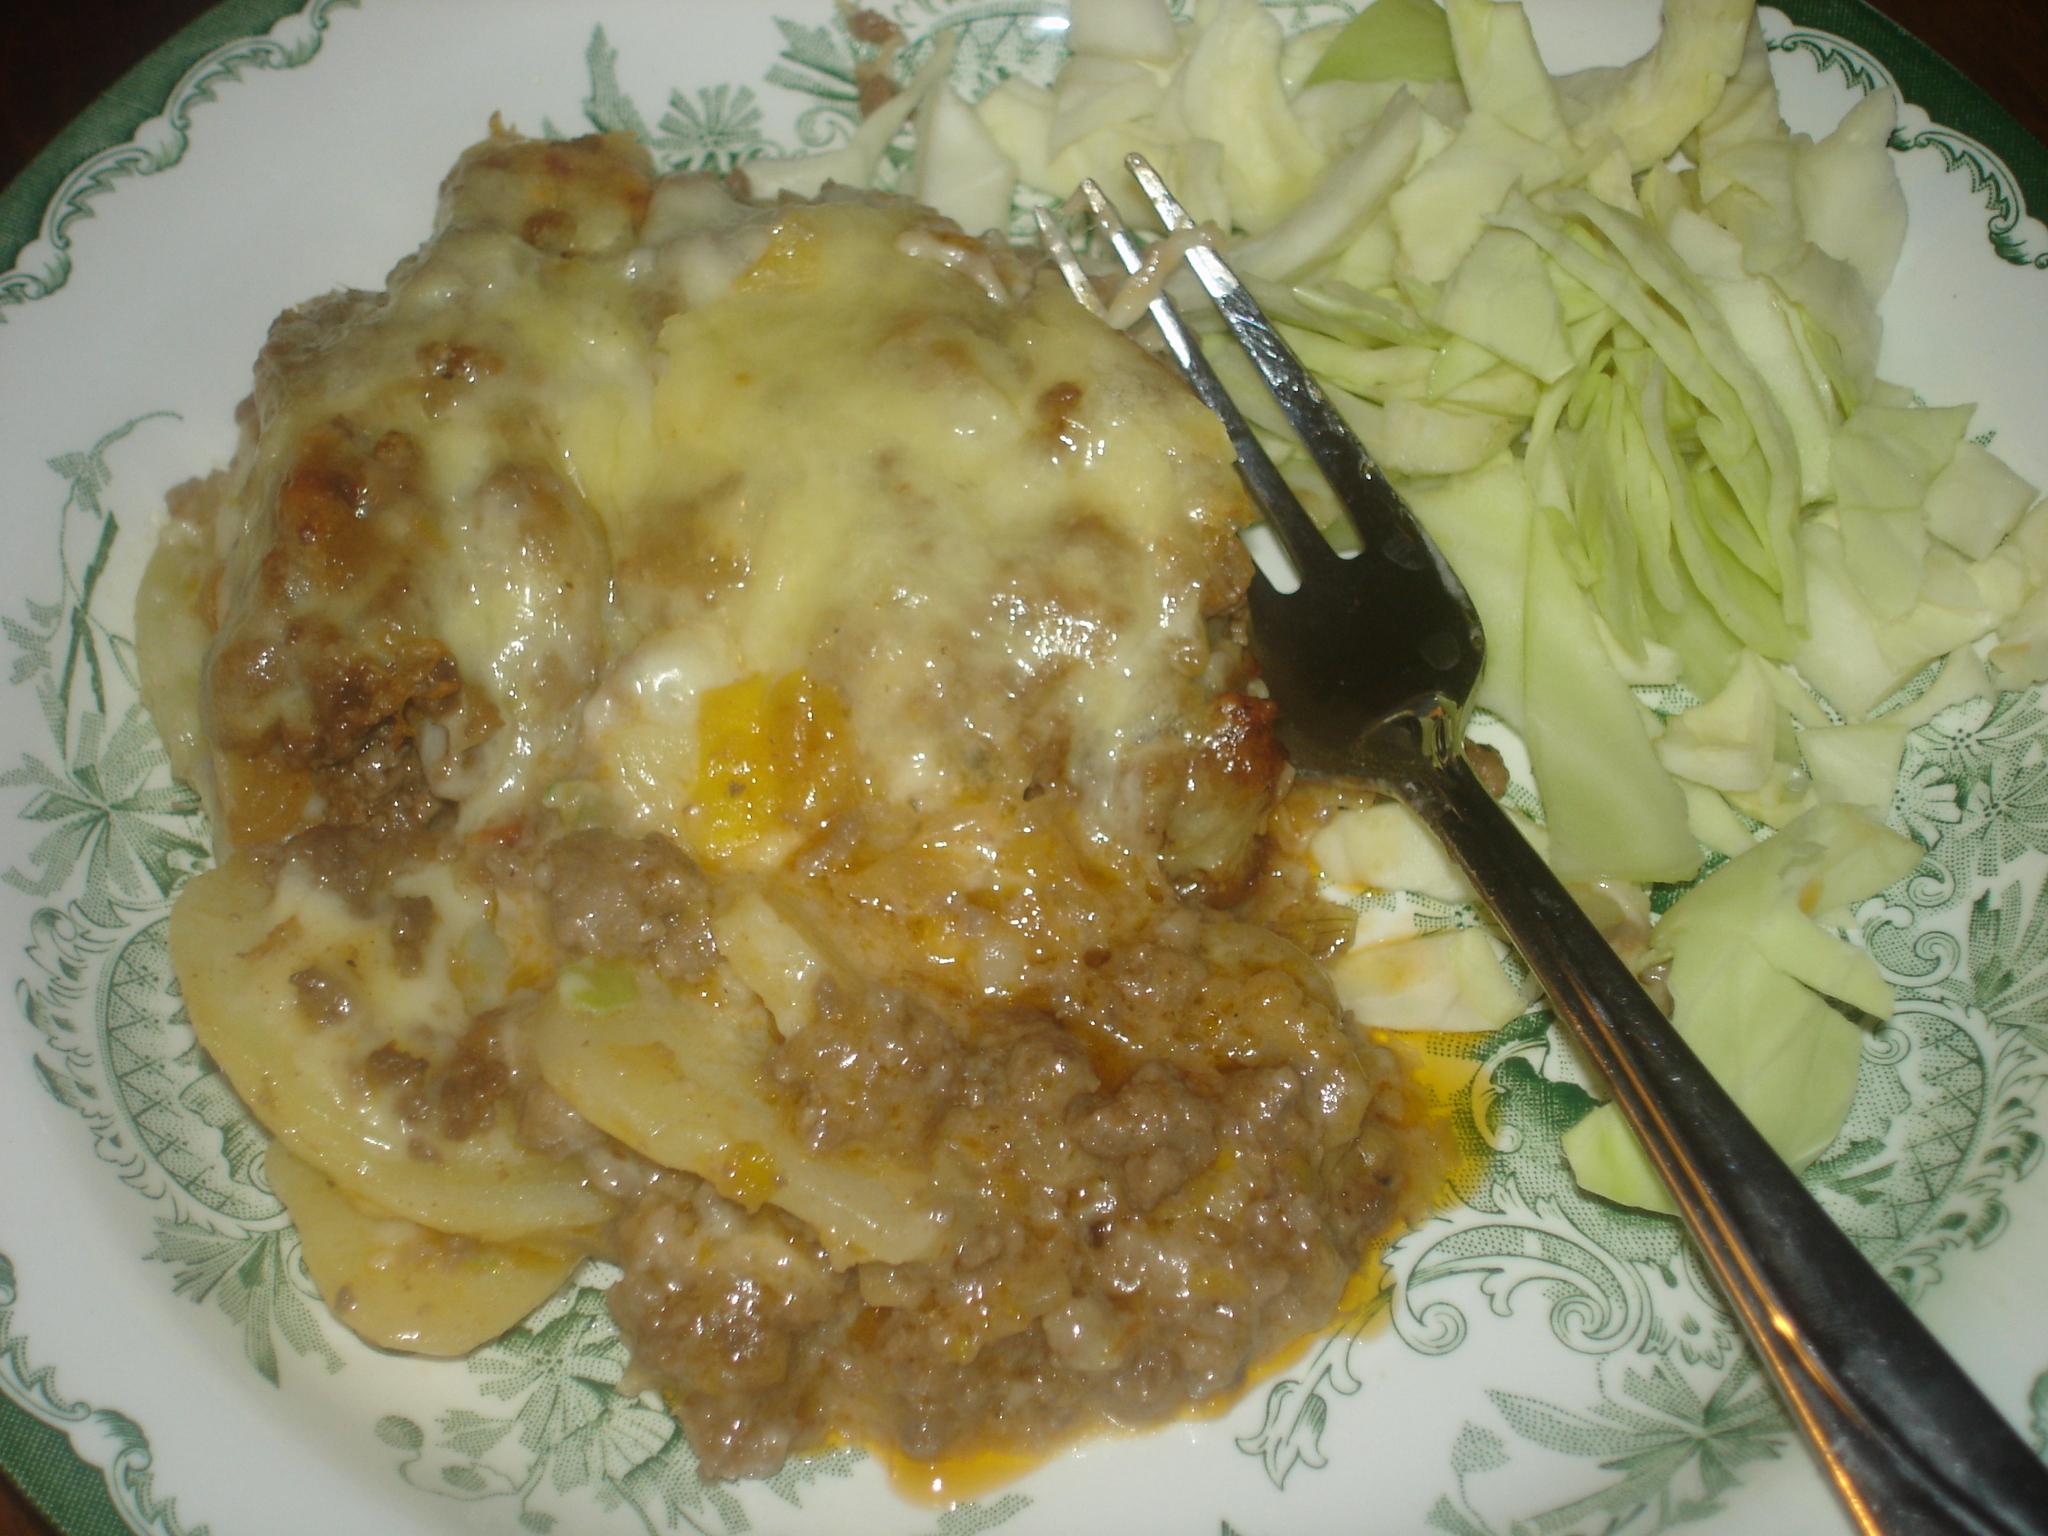 evas goda potatis- och köttfärsgratäng